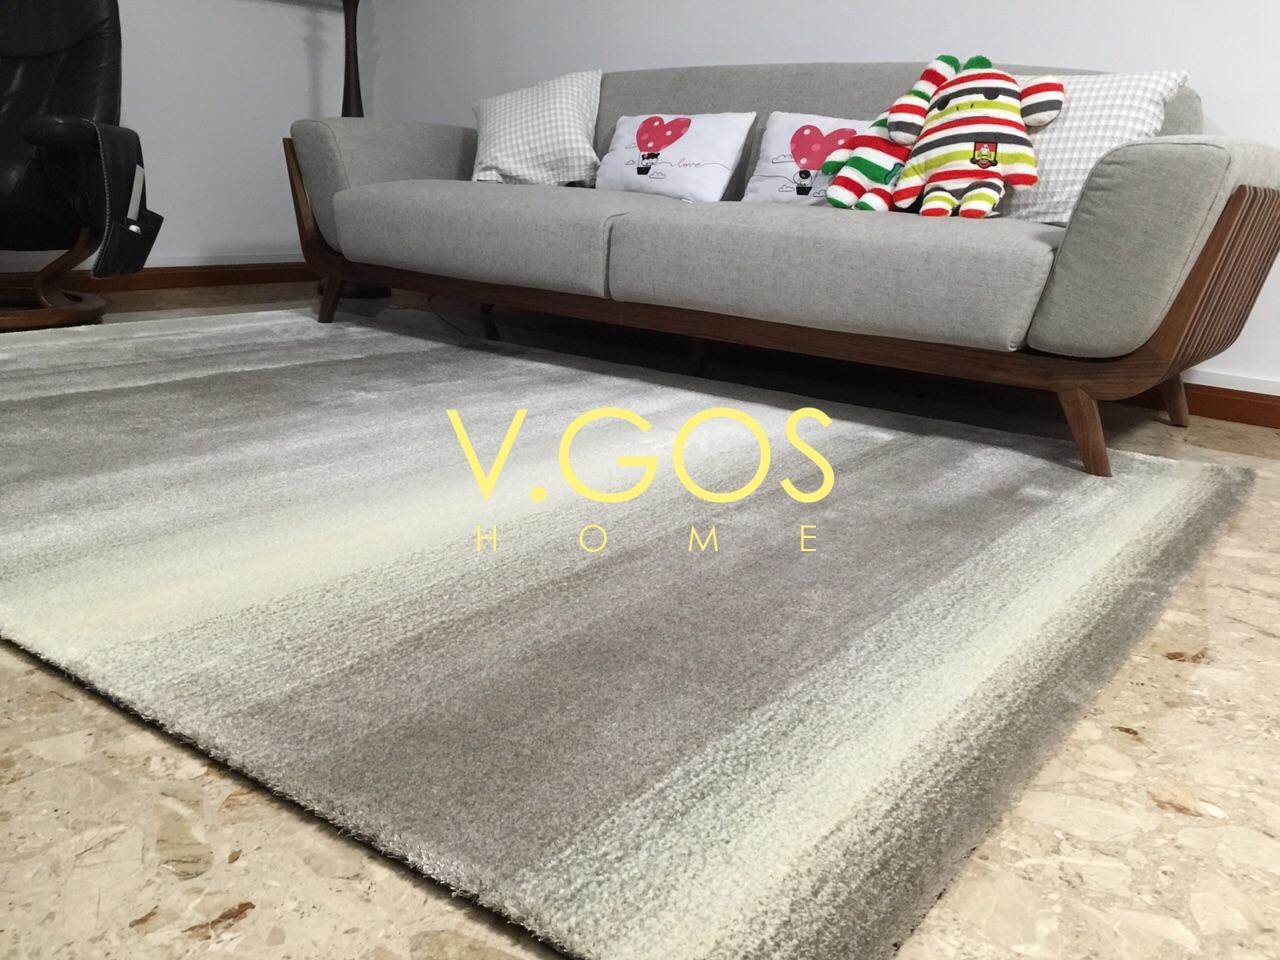 Carpet VGOSHome Singapore 2 » V.GOS